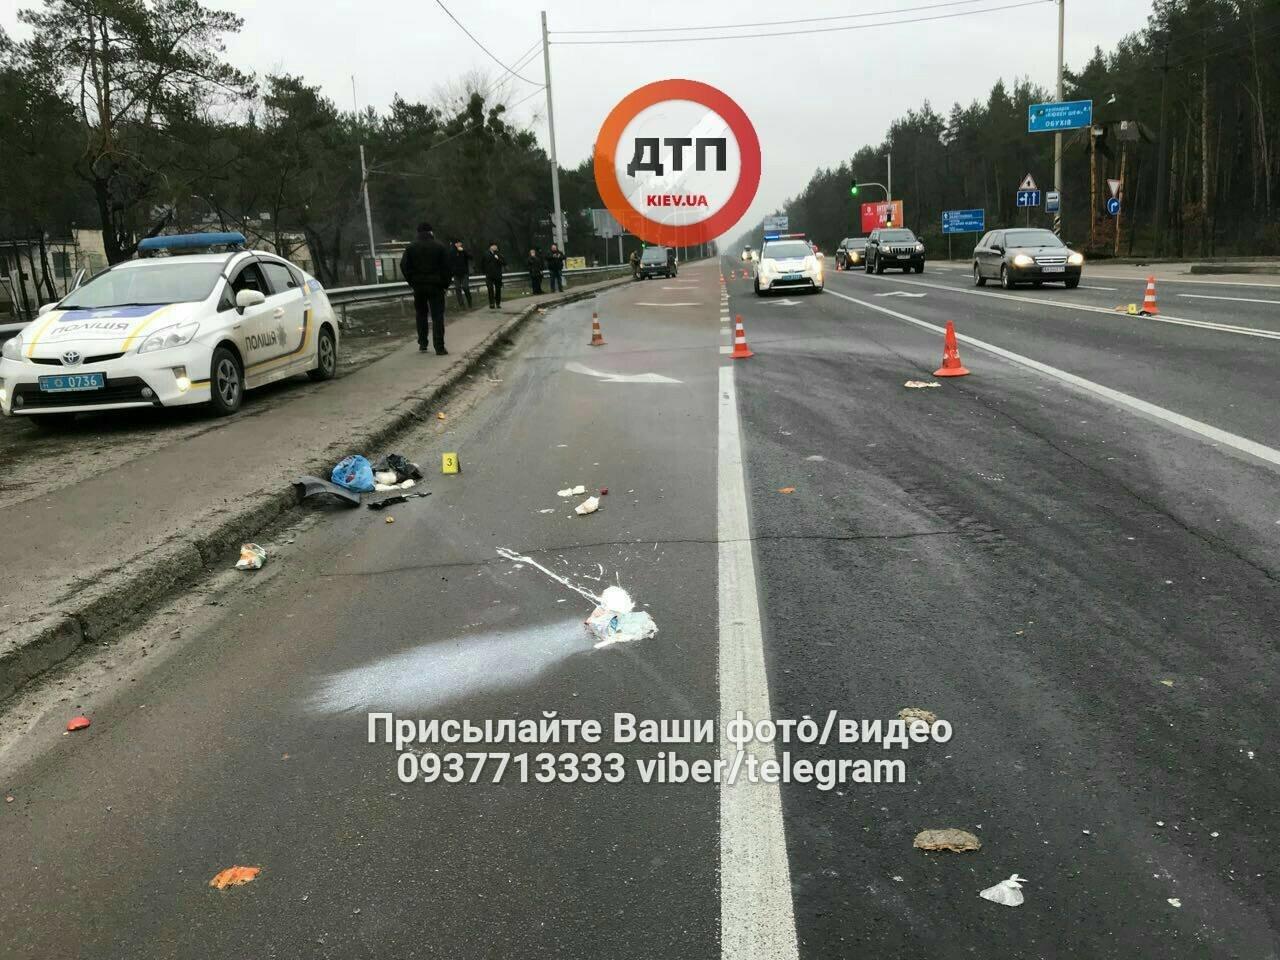 Под Киевом водитель насмерть сбил женщину и скрылся с места ДТП (ФОТО), фото-4